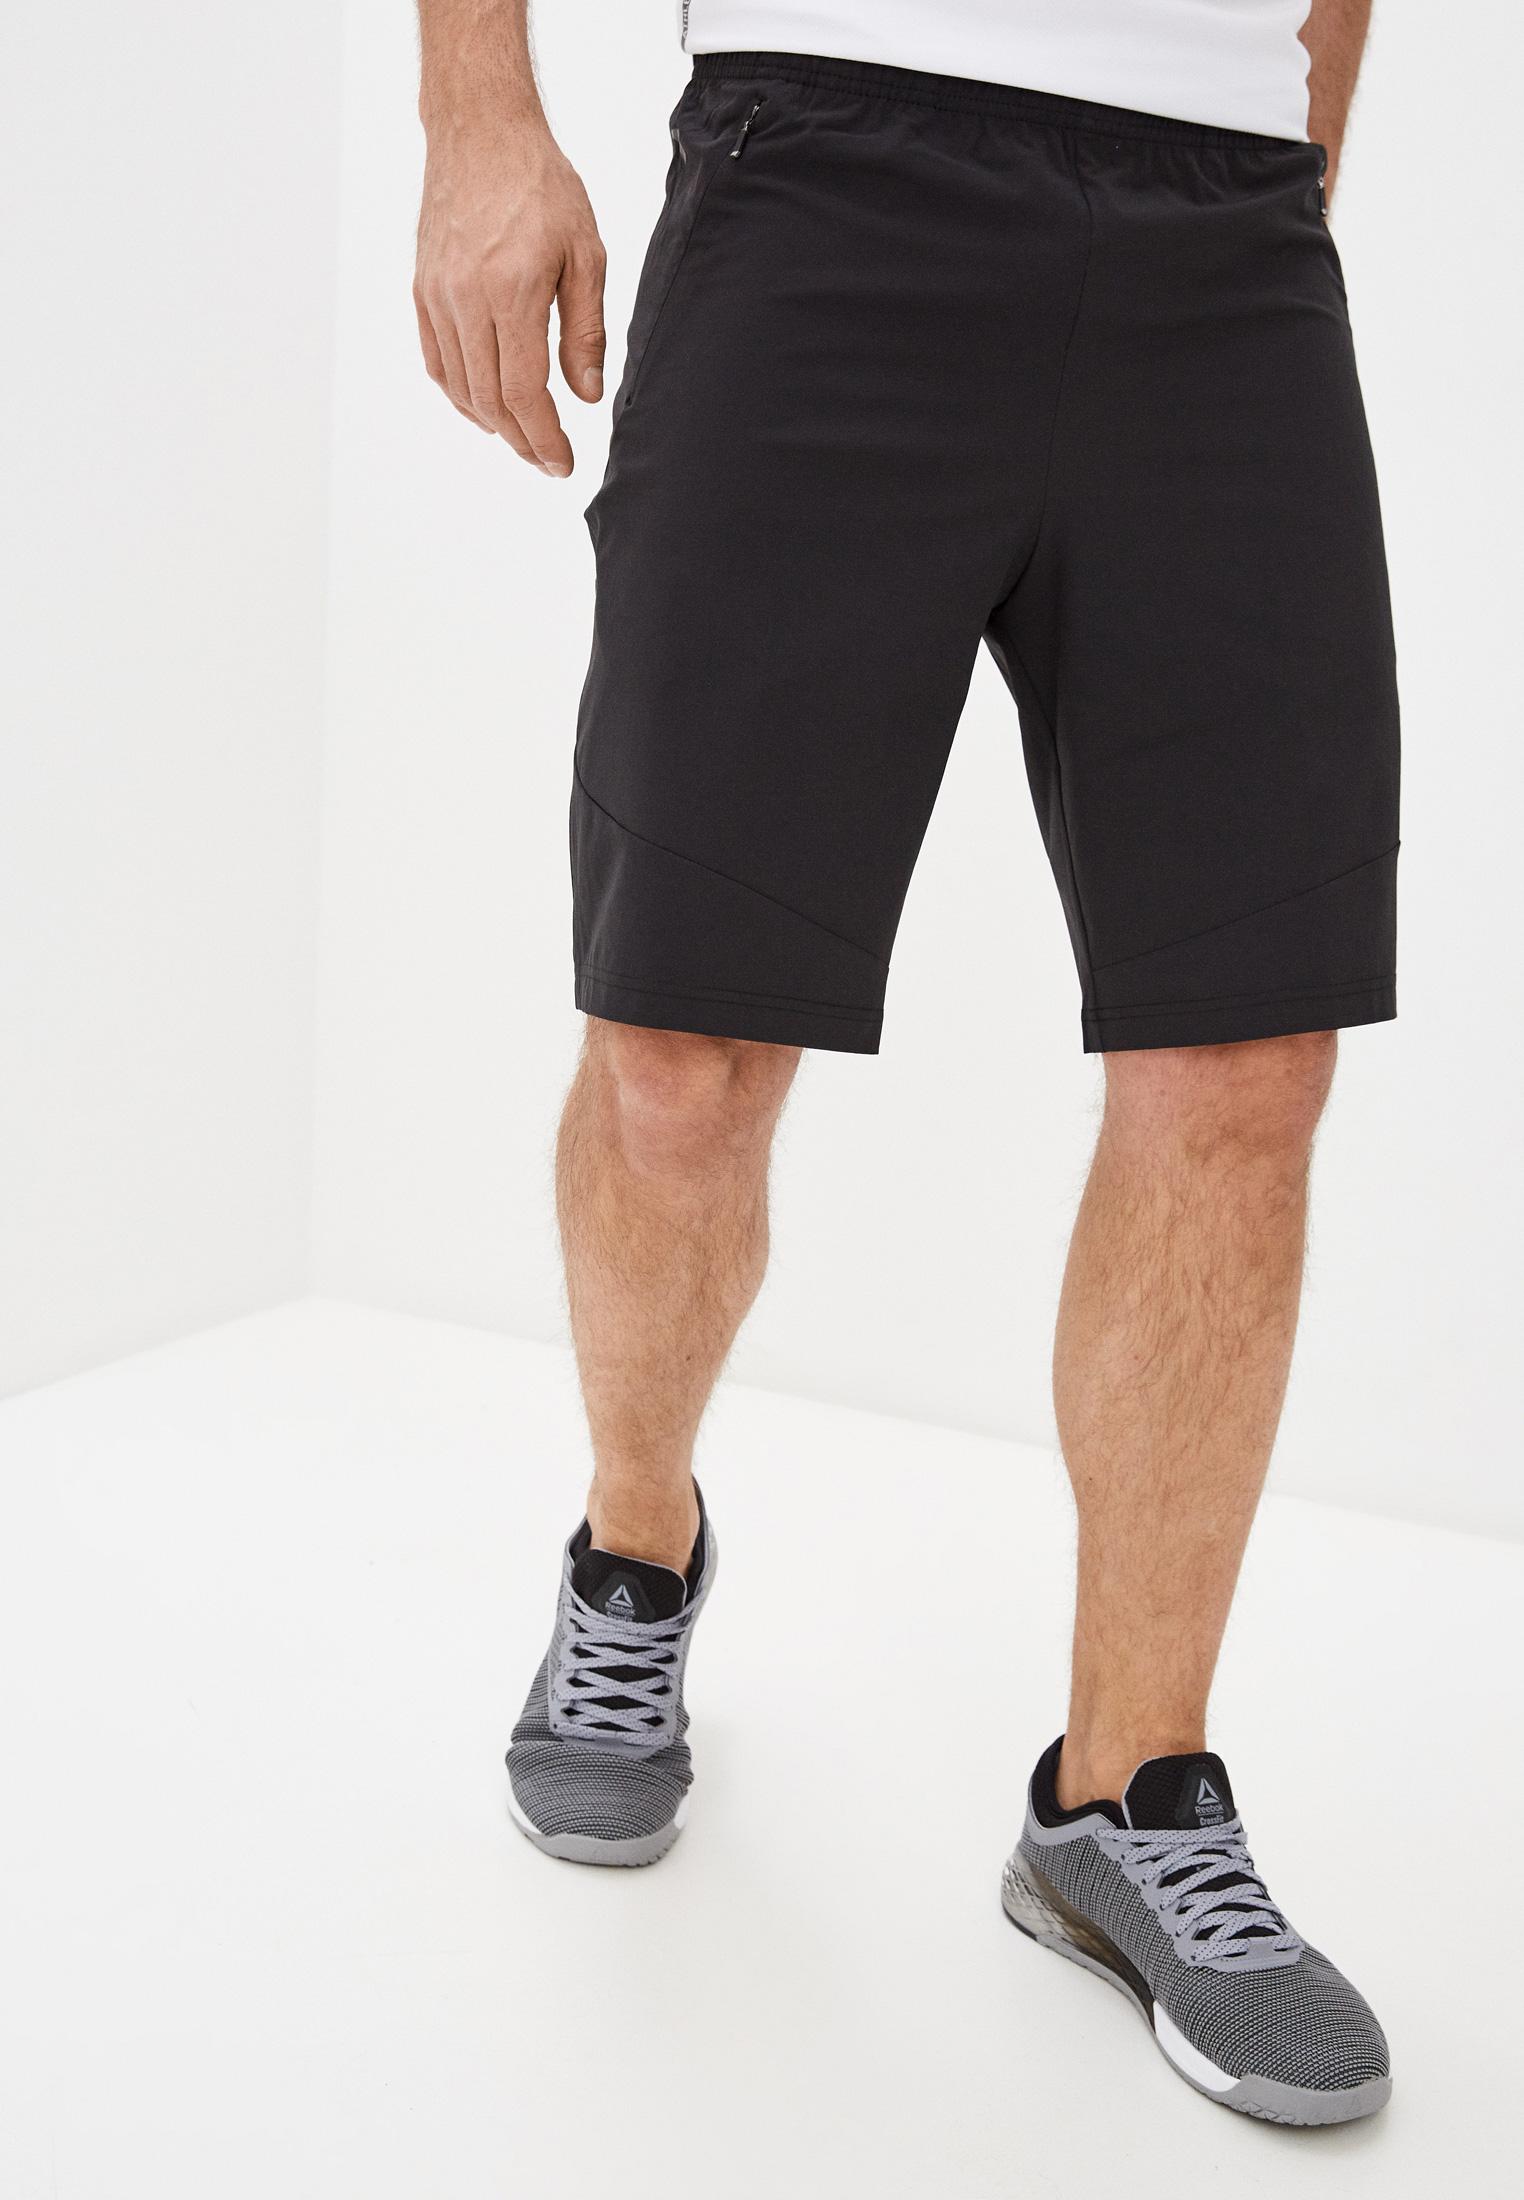 Мужские спортивные шорты Anta Шорты спортивные Anta